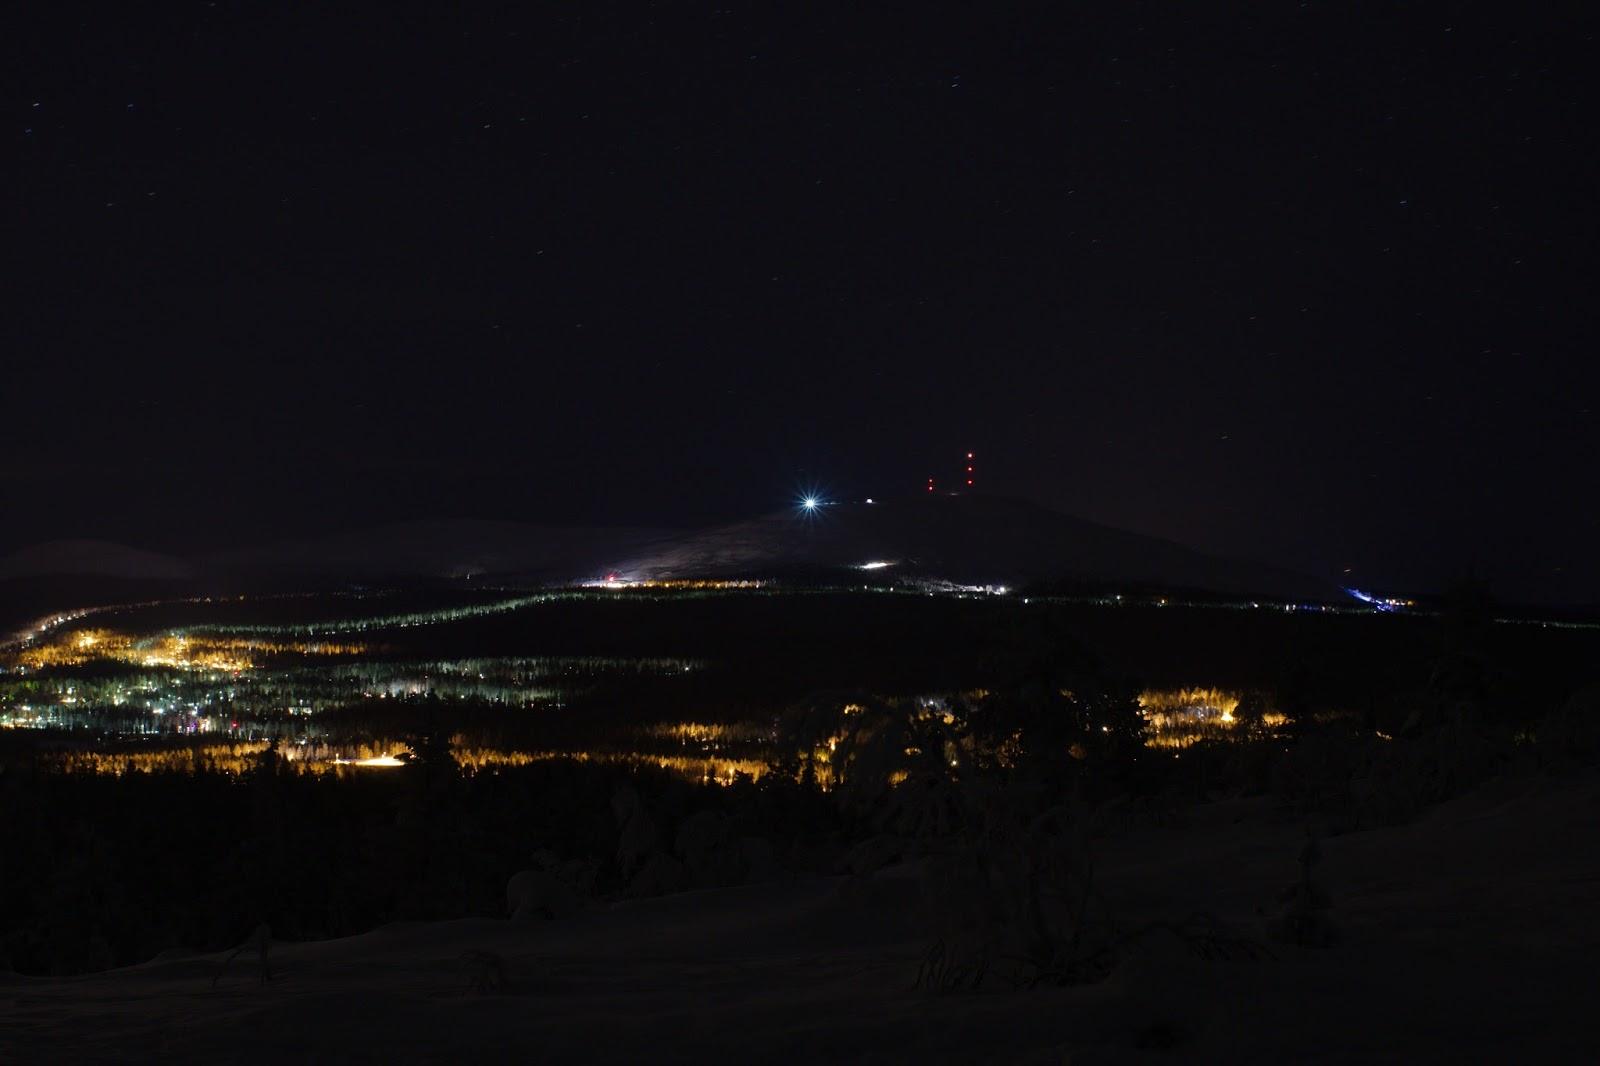 Äkäslompolon kylän valot Kuertunturin päältä nähtynä